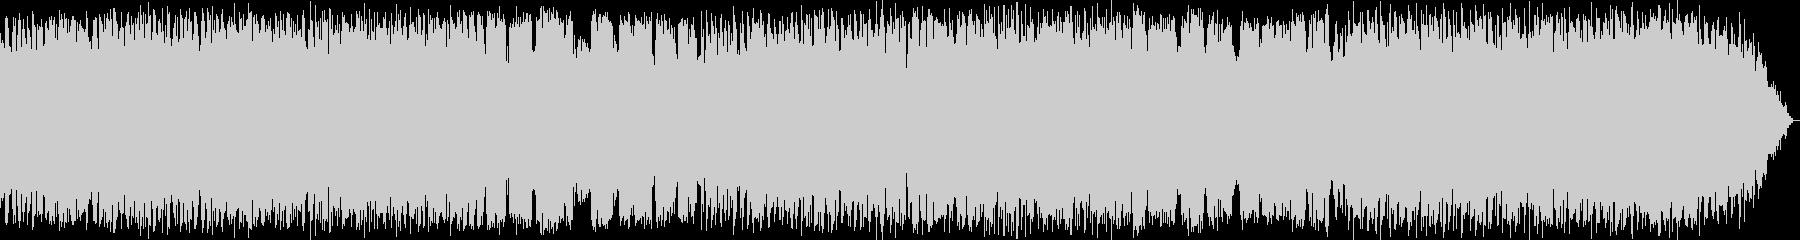 のどかな竹笛のヒーリングミュージックの未再生の波形